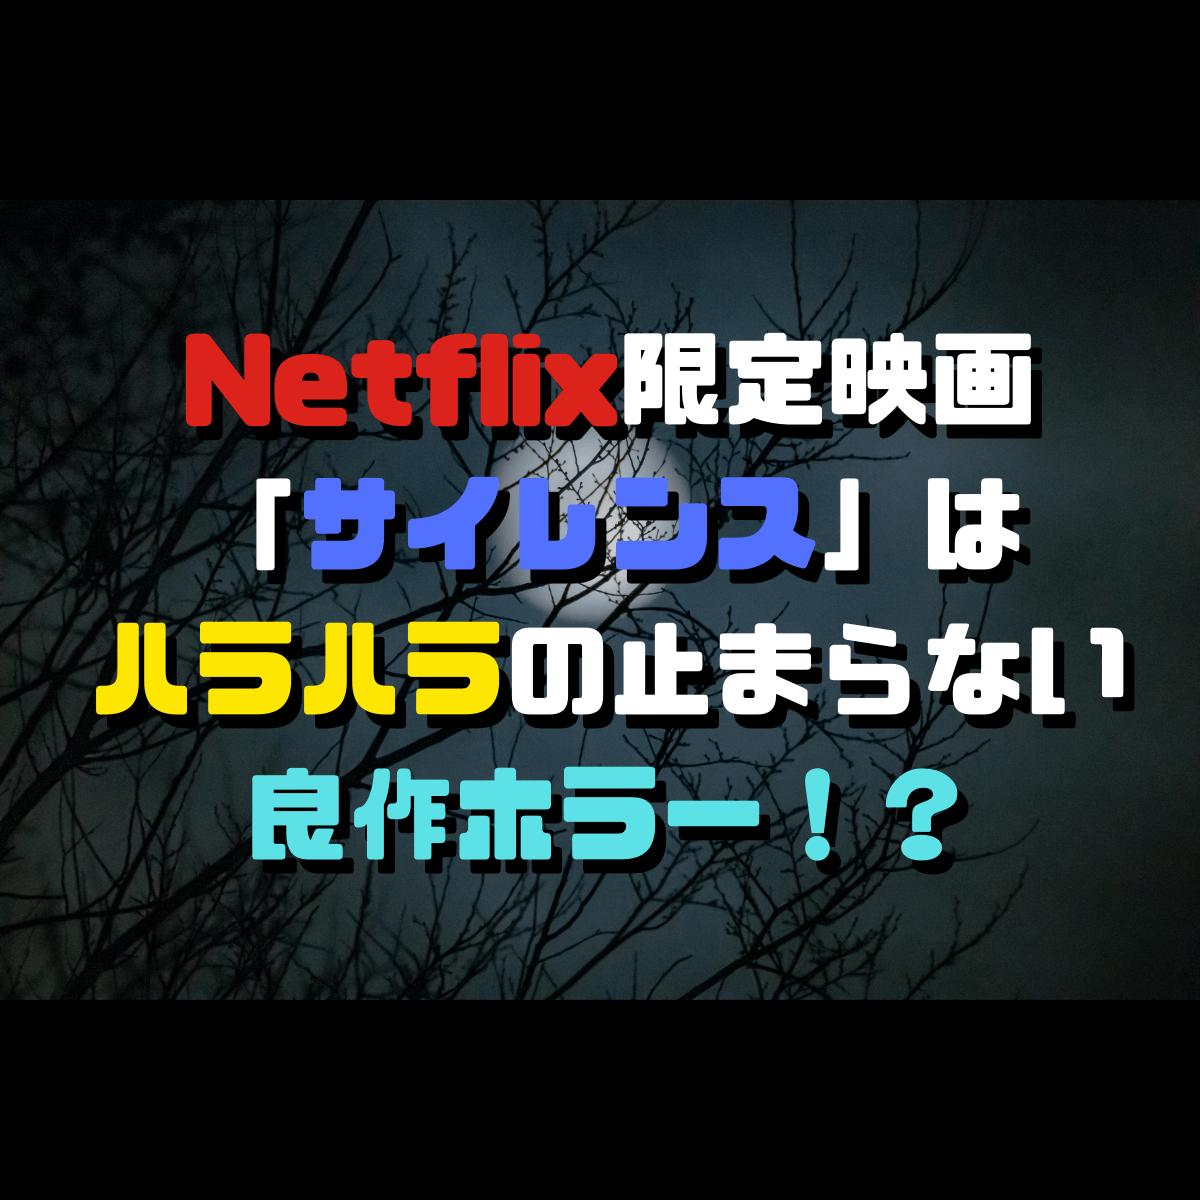 【映画】Netflix限定「サイレンス」はハラハラの止まらない良作スリラー【レビュー】